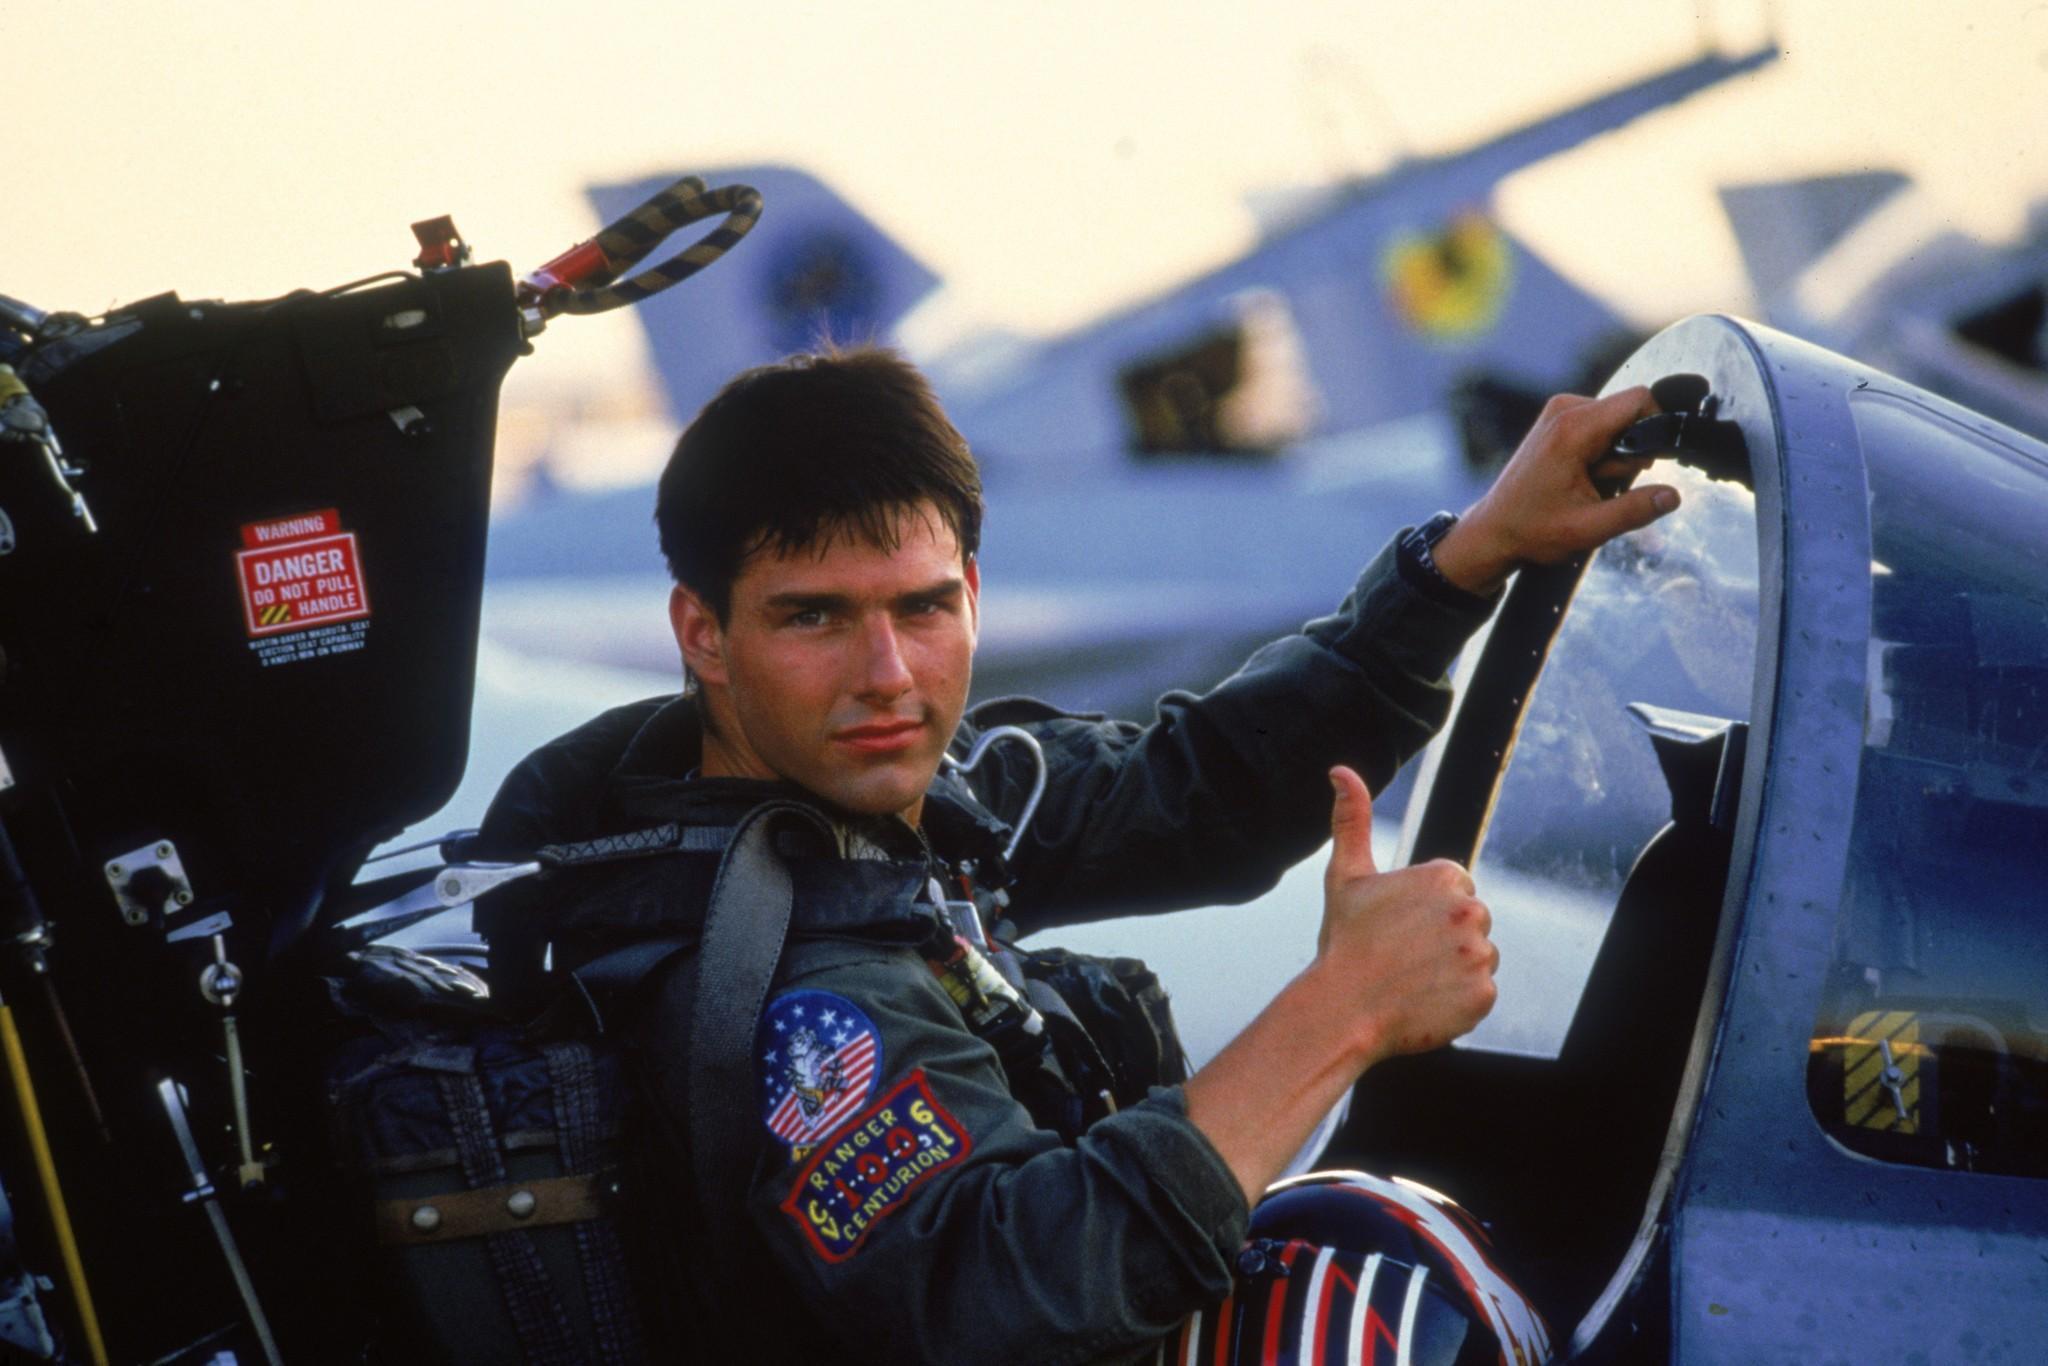 Nihayet o kare geldi! Tom Cruise Top Gun 2'den kare paylaştı!